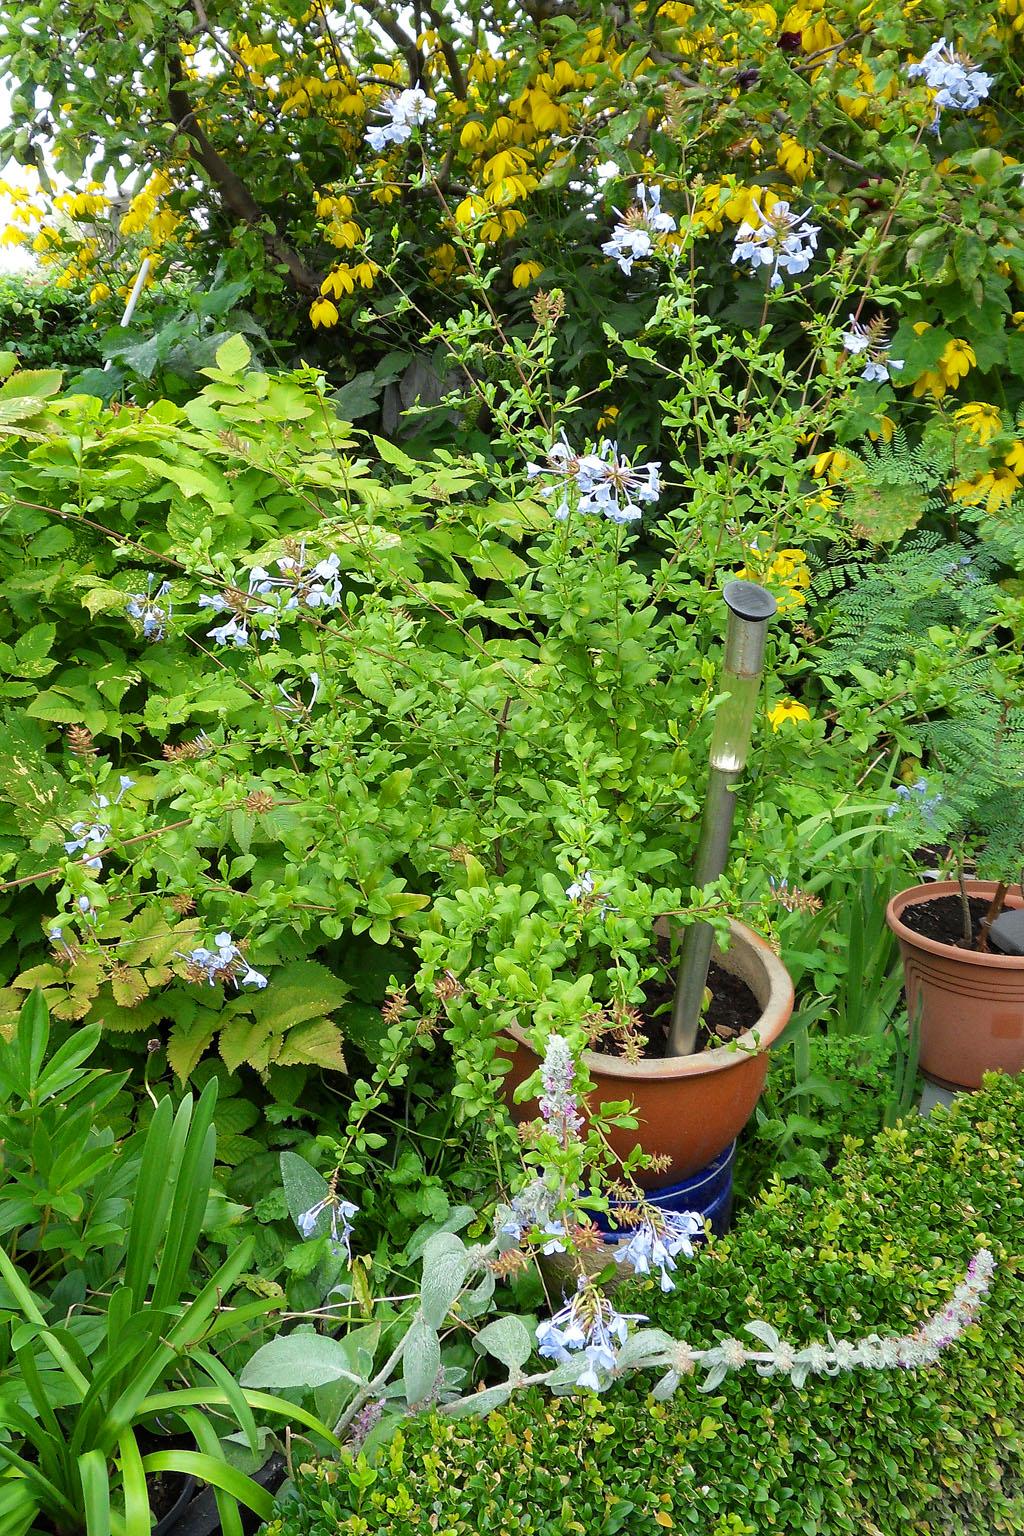 i Trädgården - blyblomma i kruka, rabatt, solcellslampa